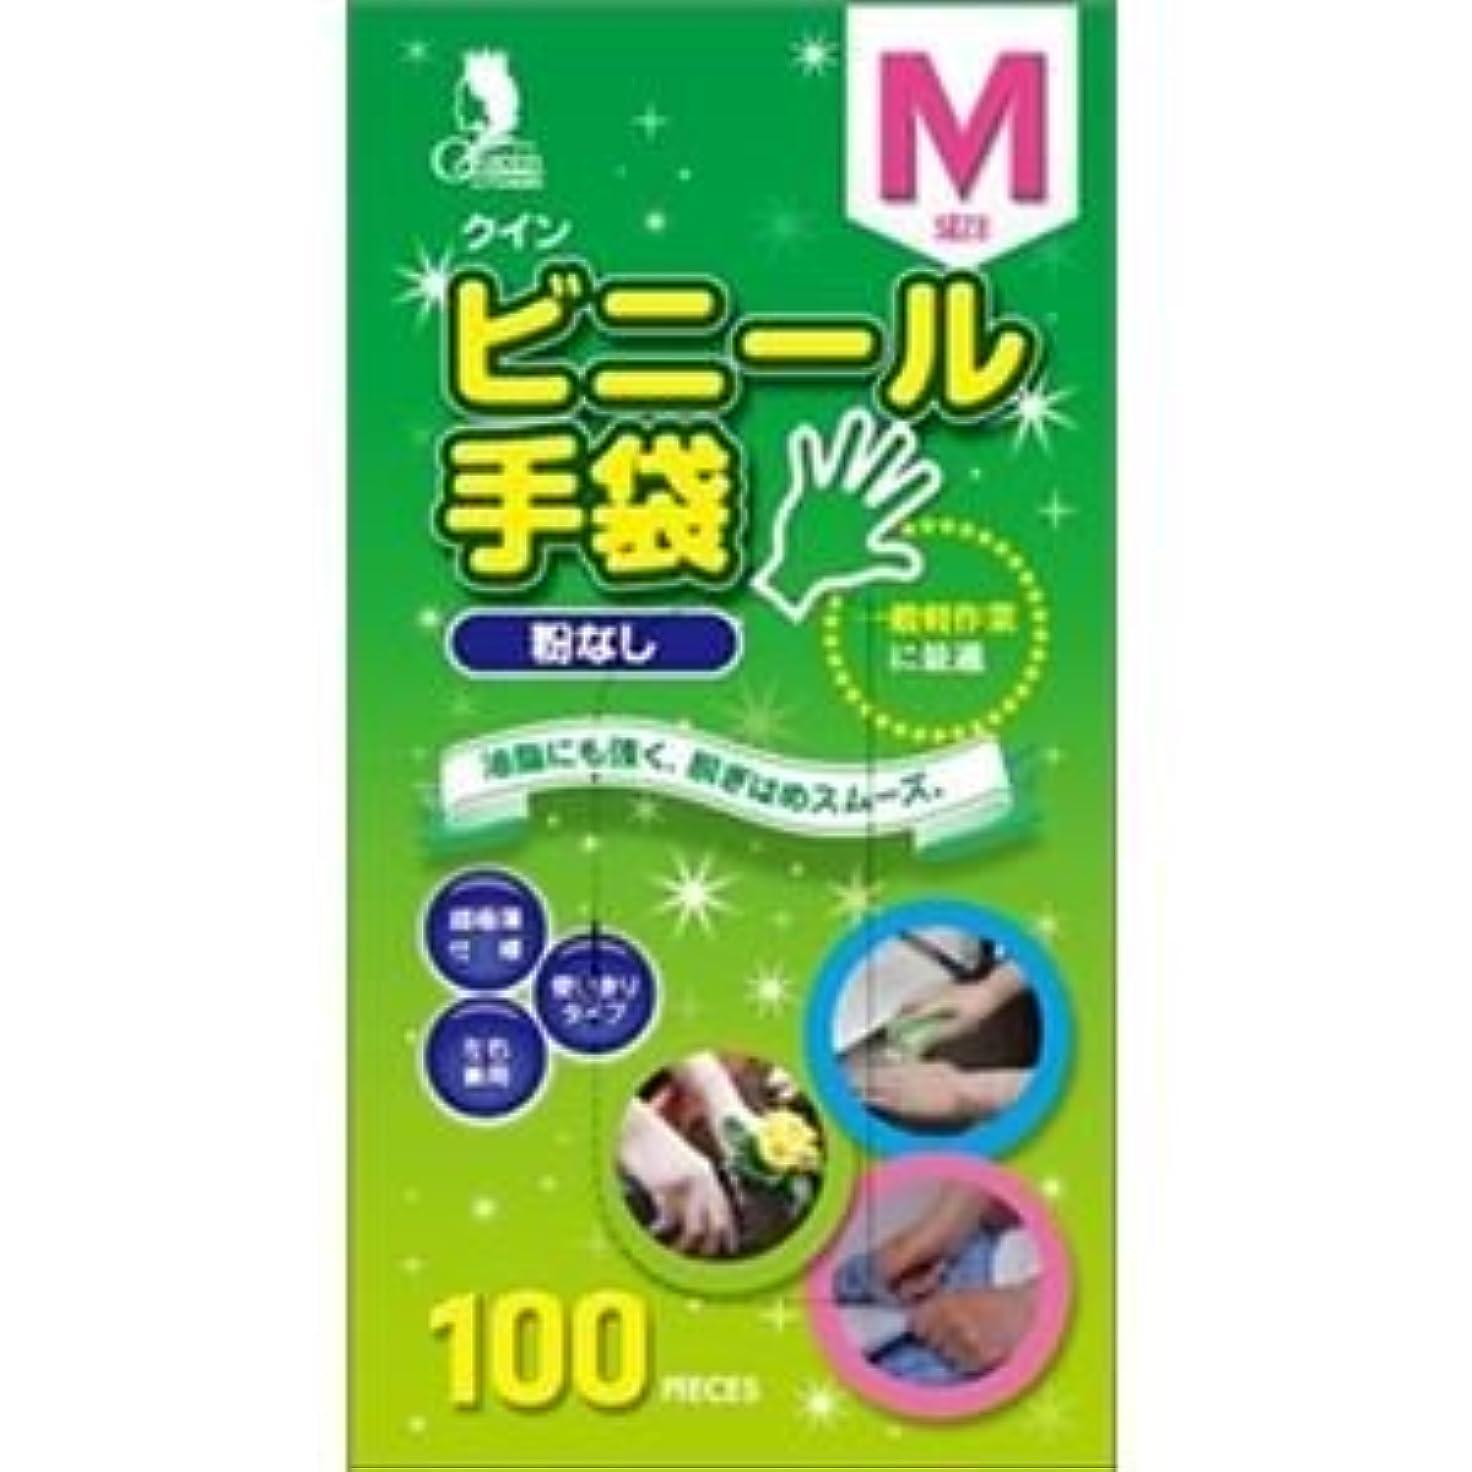 急いで鷲エジプト(まとめ)宇都宮製作 クインビニール手袋100枚入 M (N) 【×3点セット】